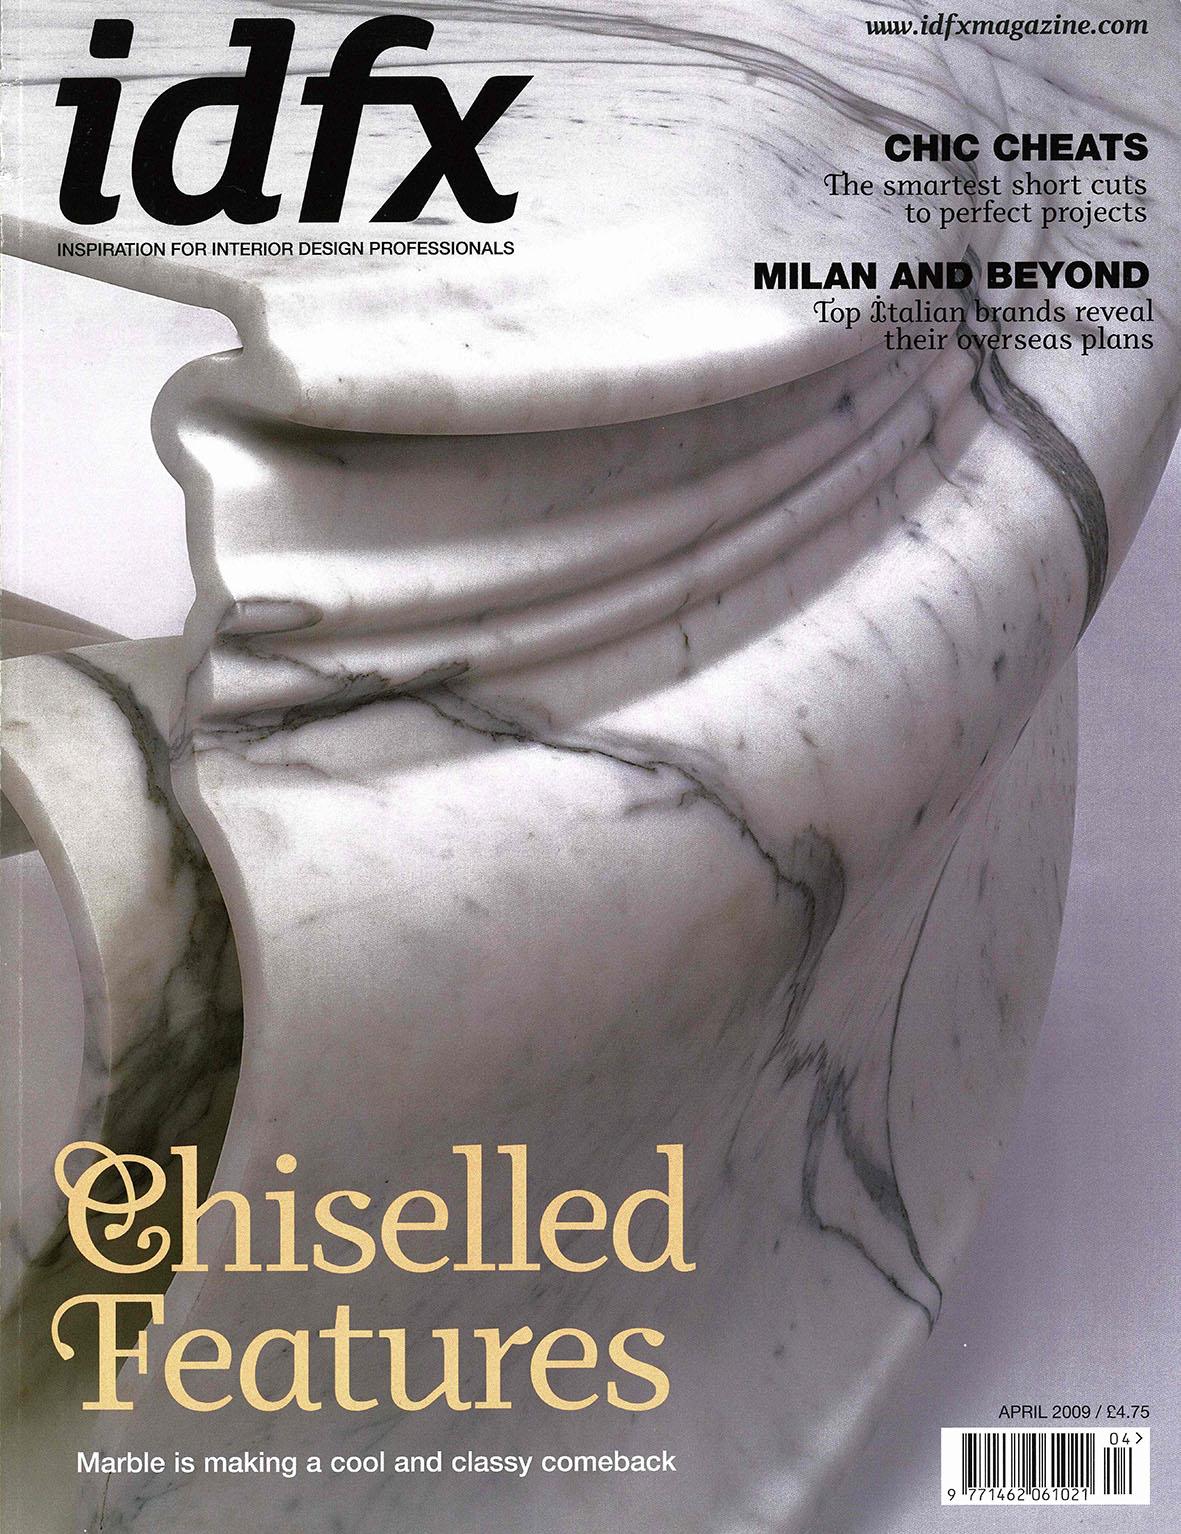 idfx magazine 2009